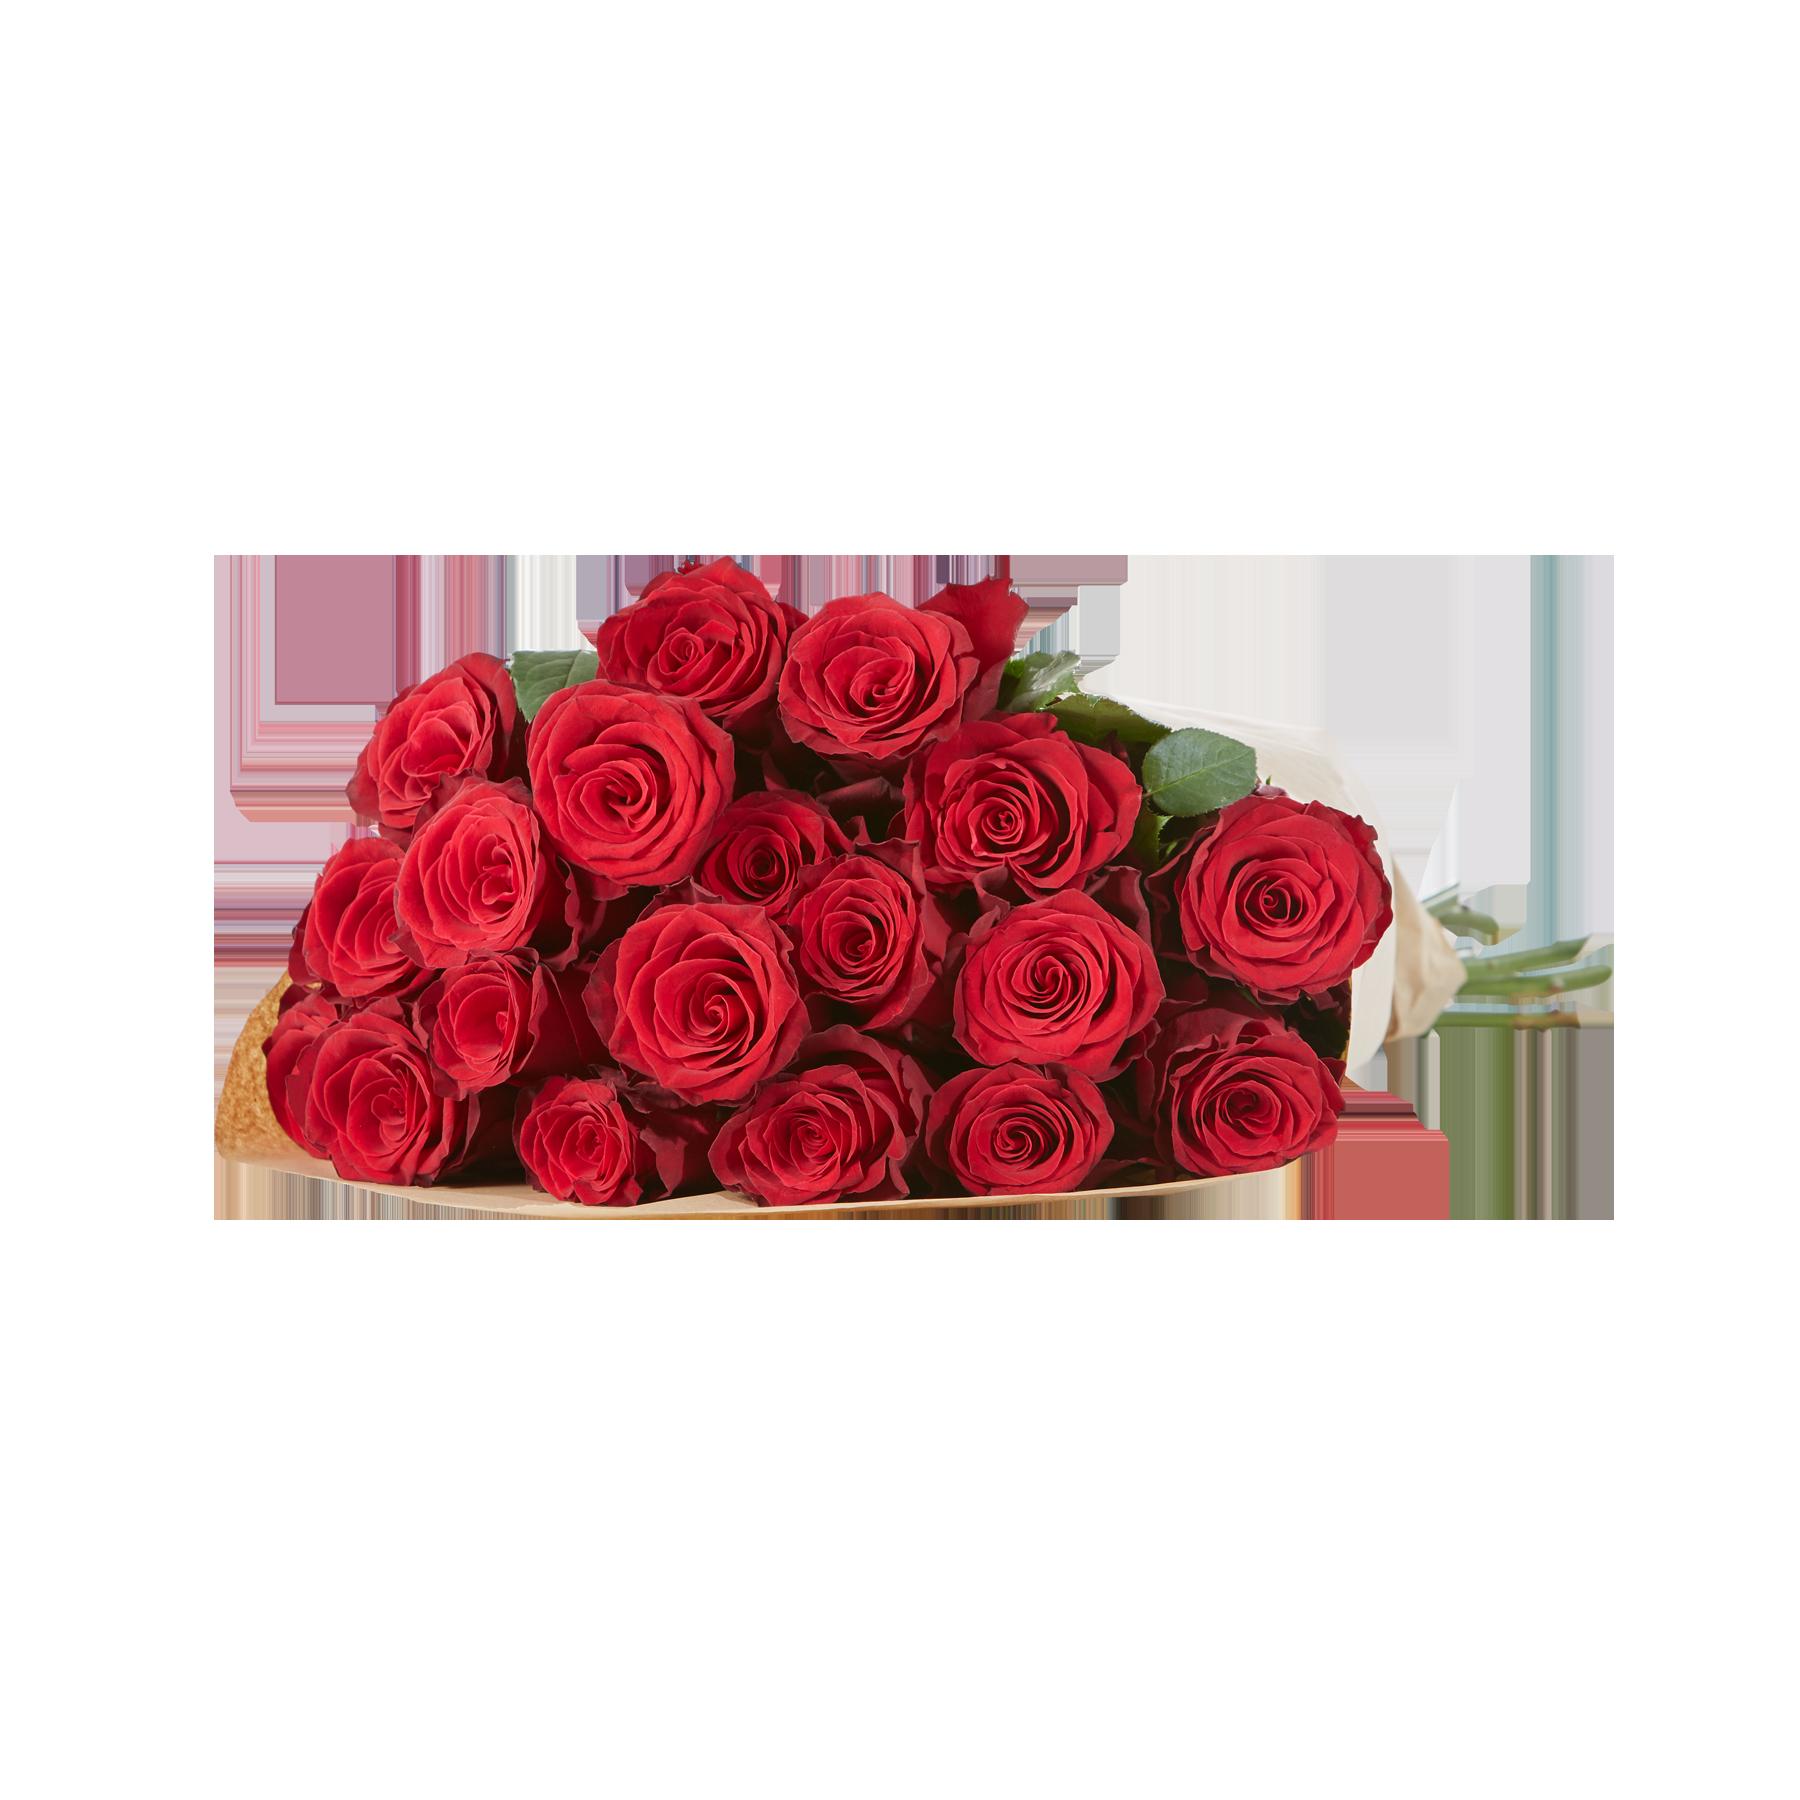 #20 Rosen Rhodos#